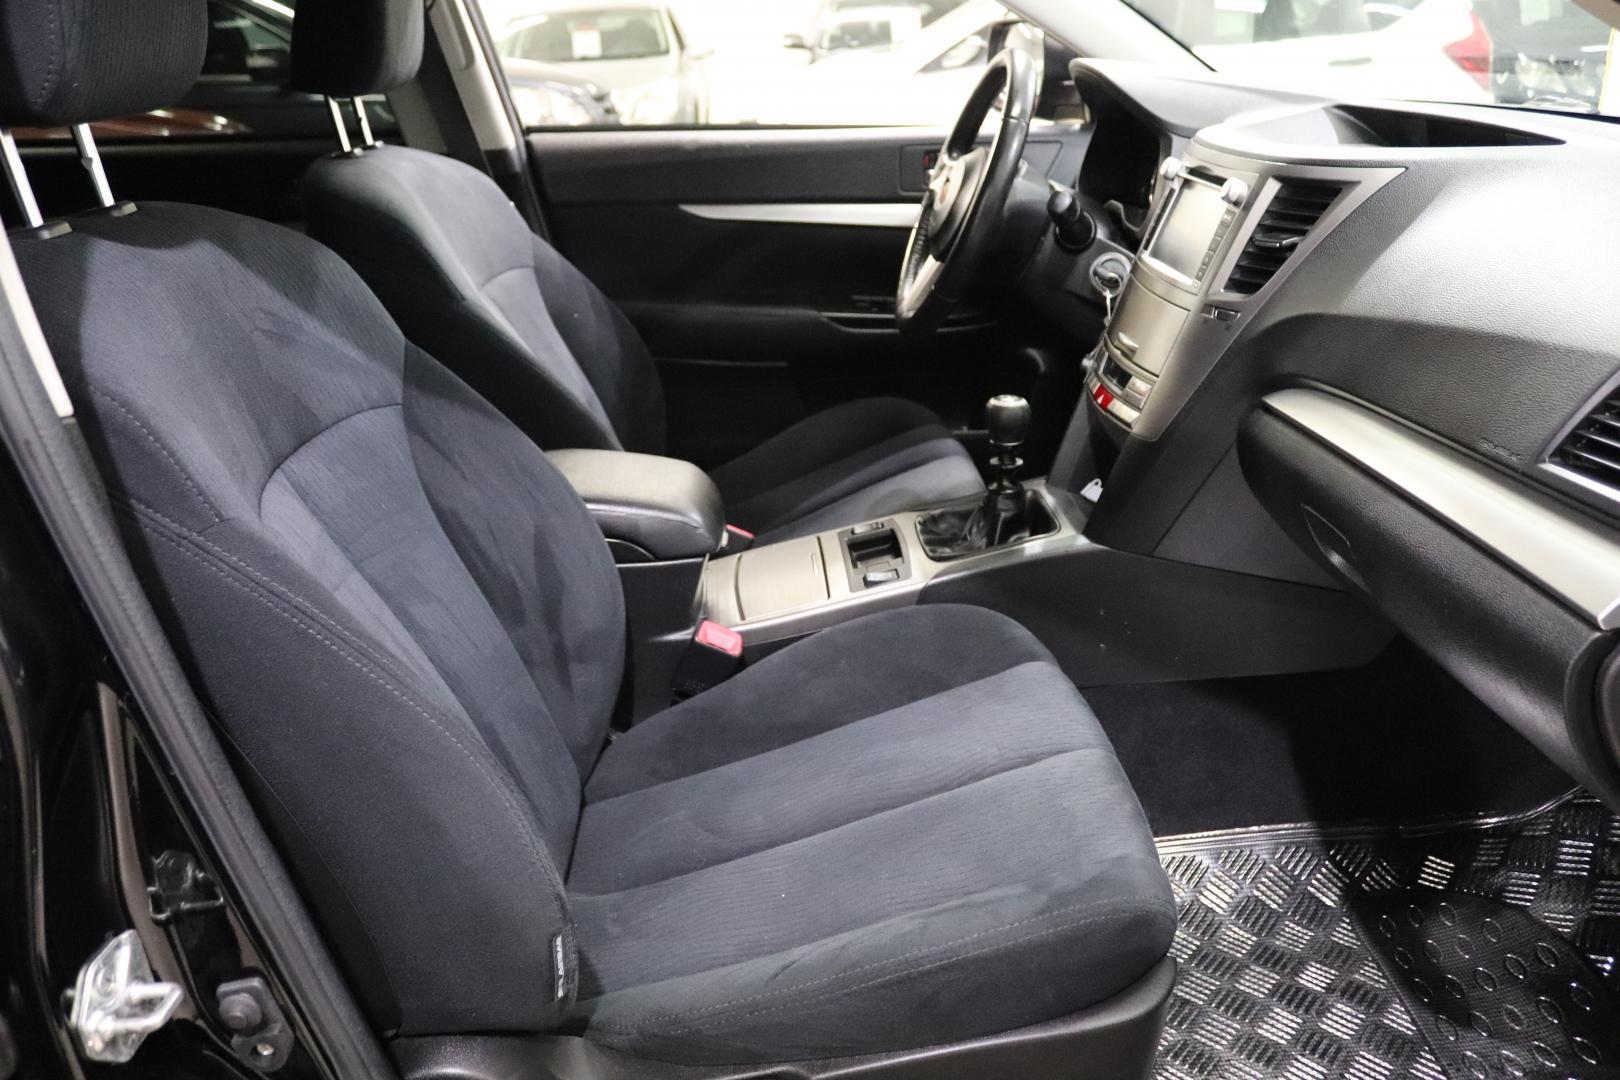 Subaru Legacy, Outback 2,0 TD VA Business